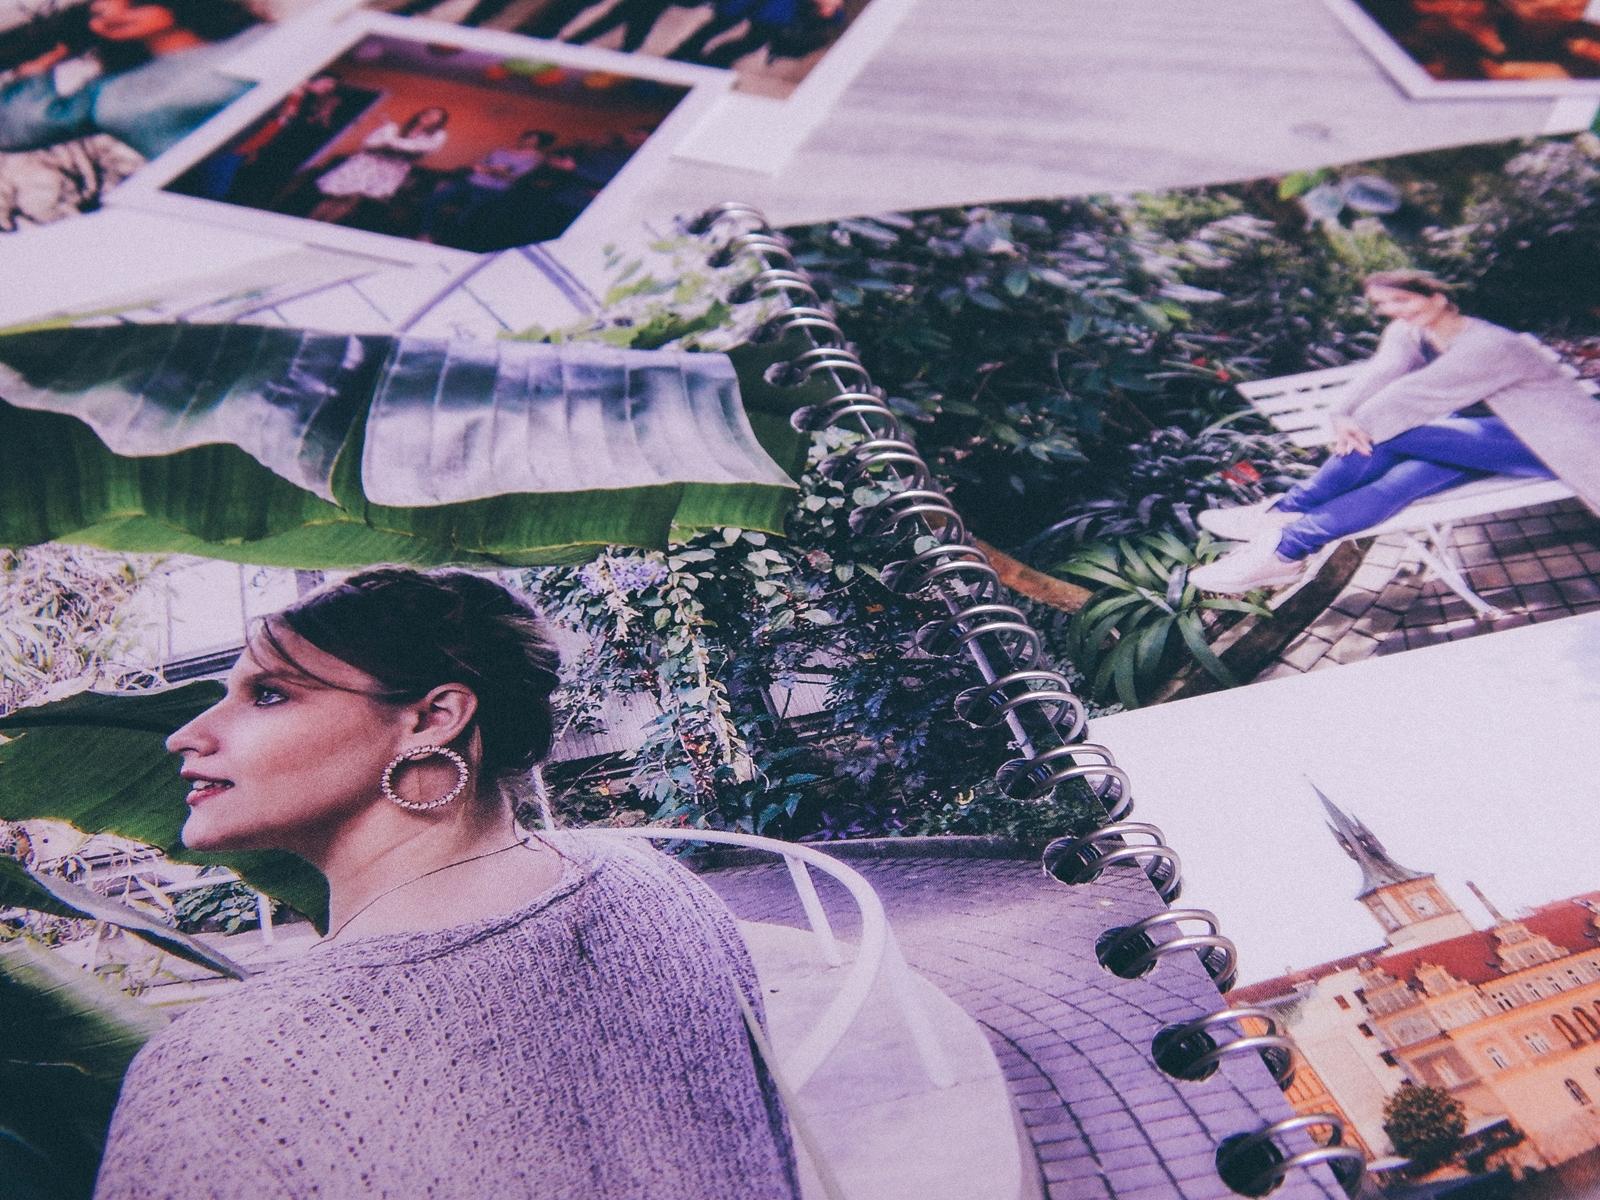 7 fotozeszyt saal digital zeszyt na zdjęcia a5 na sprężynie fotoksiązka photobook recenzja test fotozeszytu tanie wywoływanie zdjęć online melodylaniella polaroidy